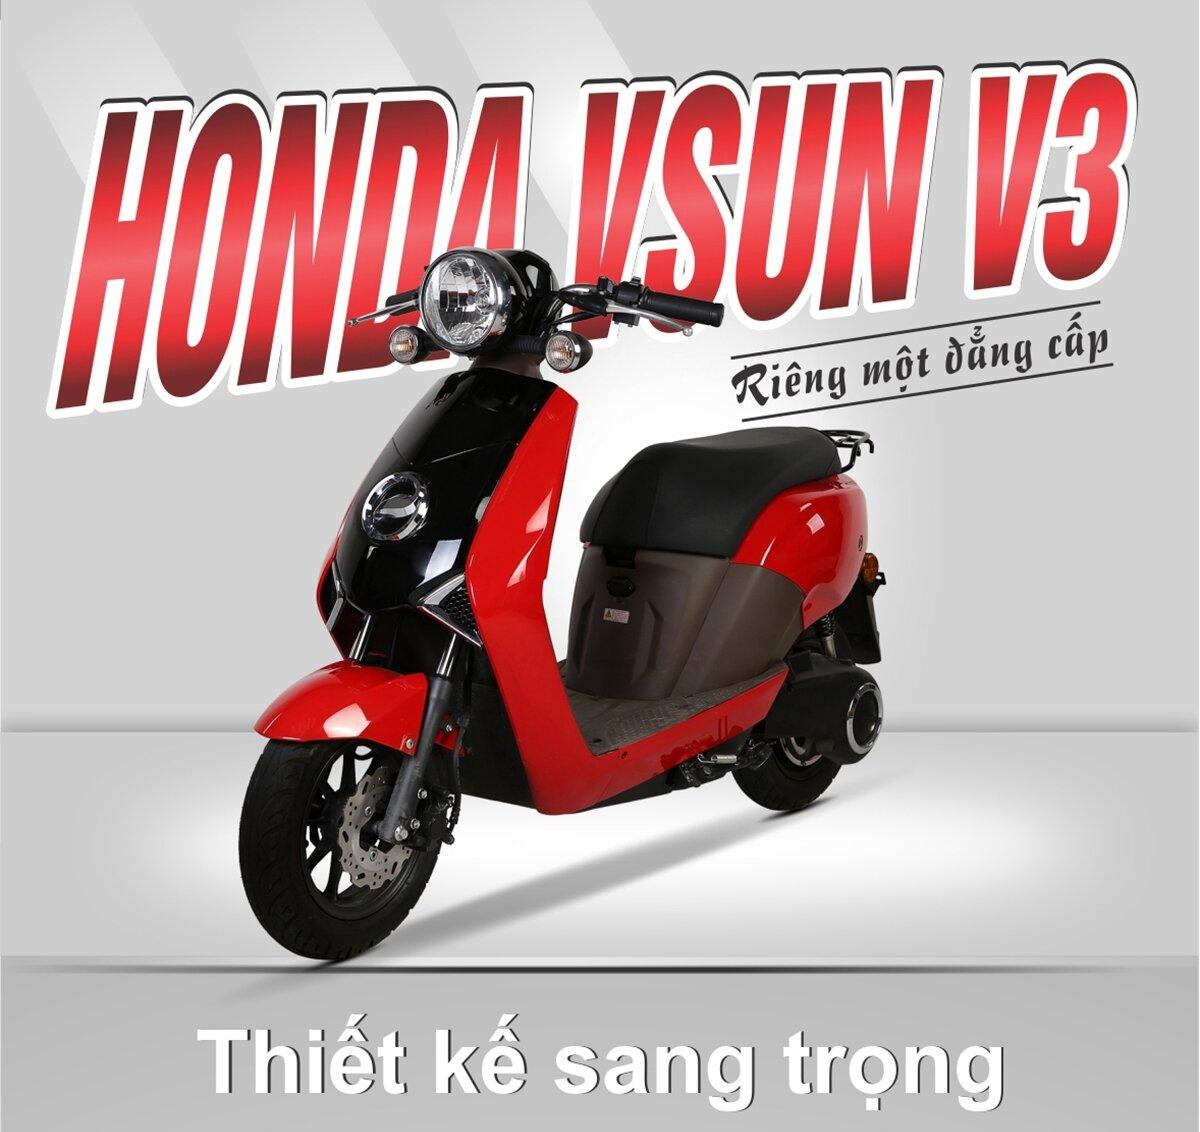 Honda Vsun V3 phiên bản đỏ